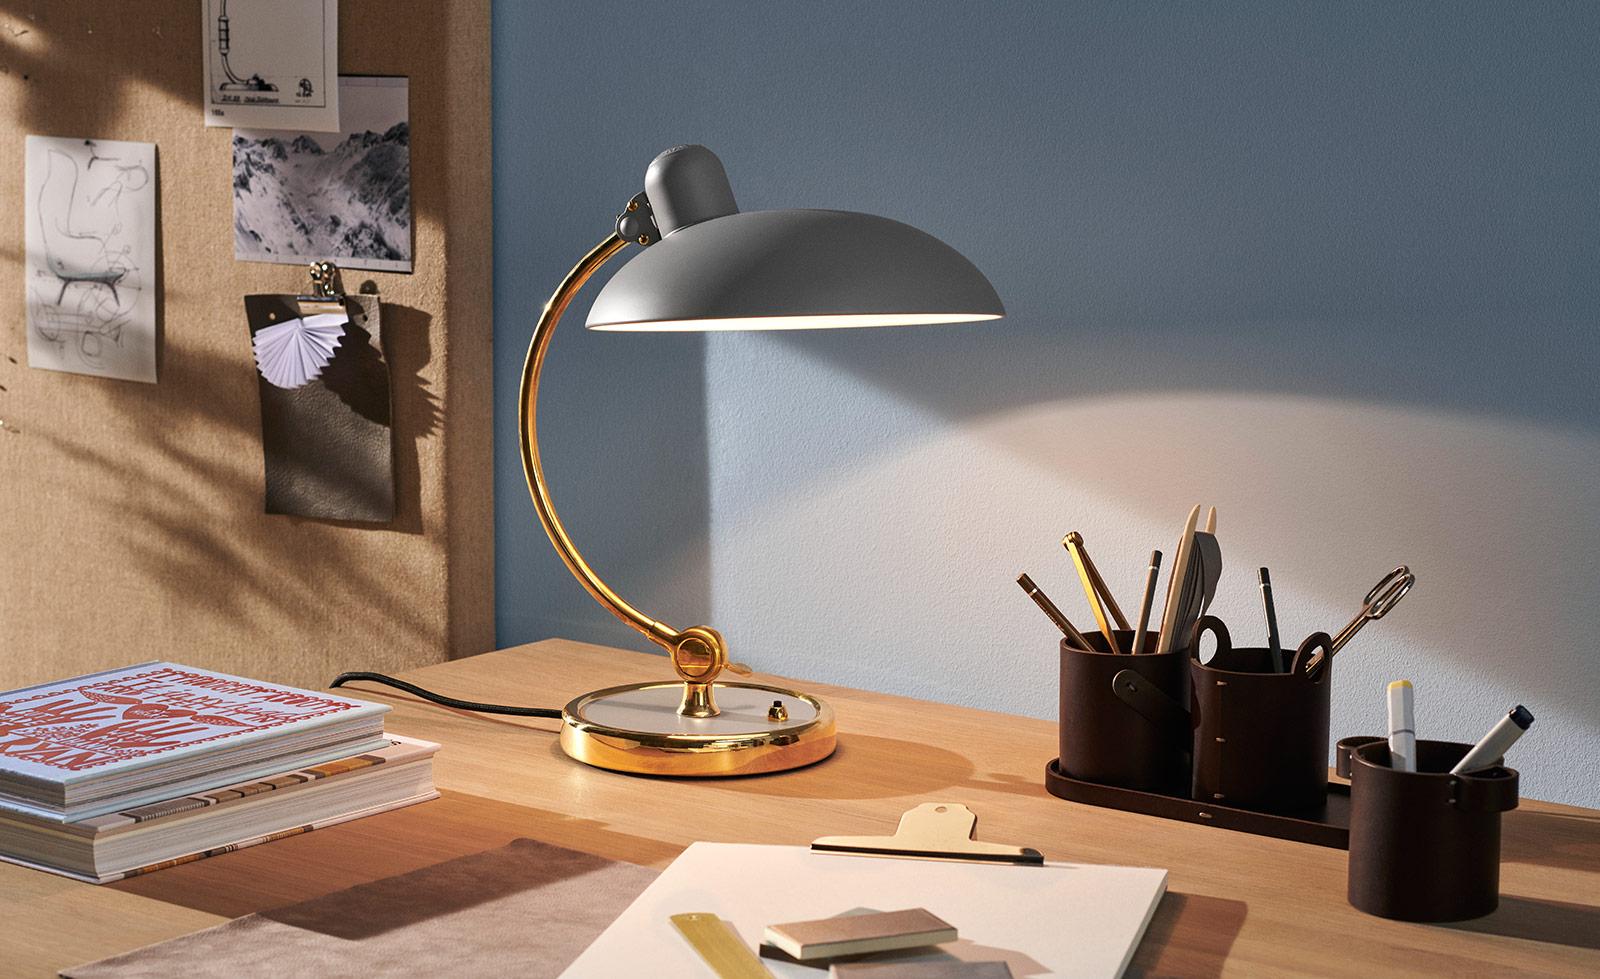 Think Furniture - Home Office Furniture - Desk Lights